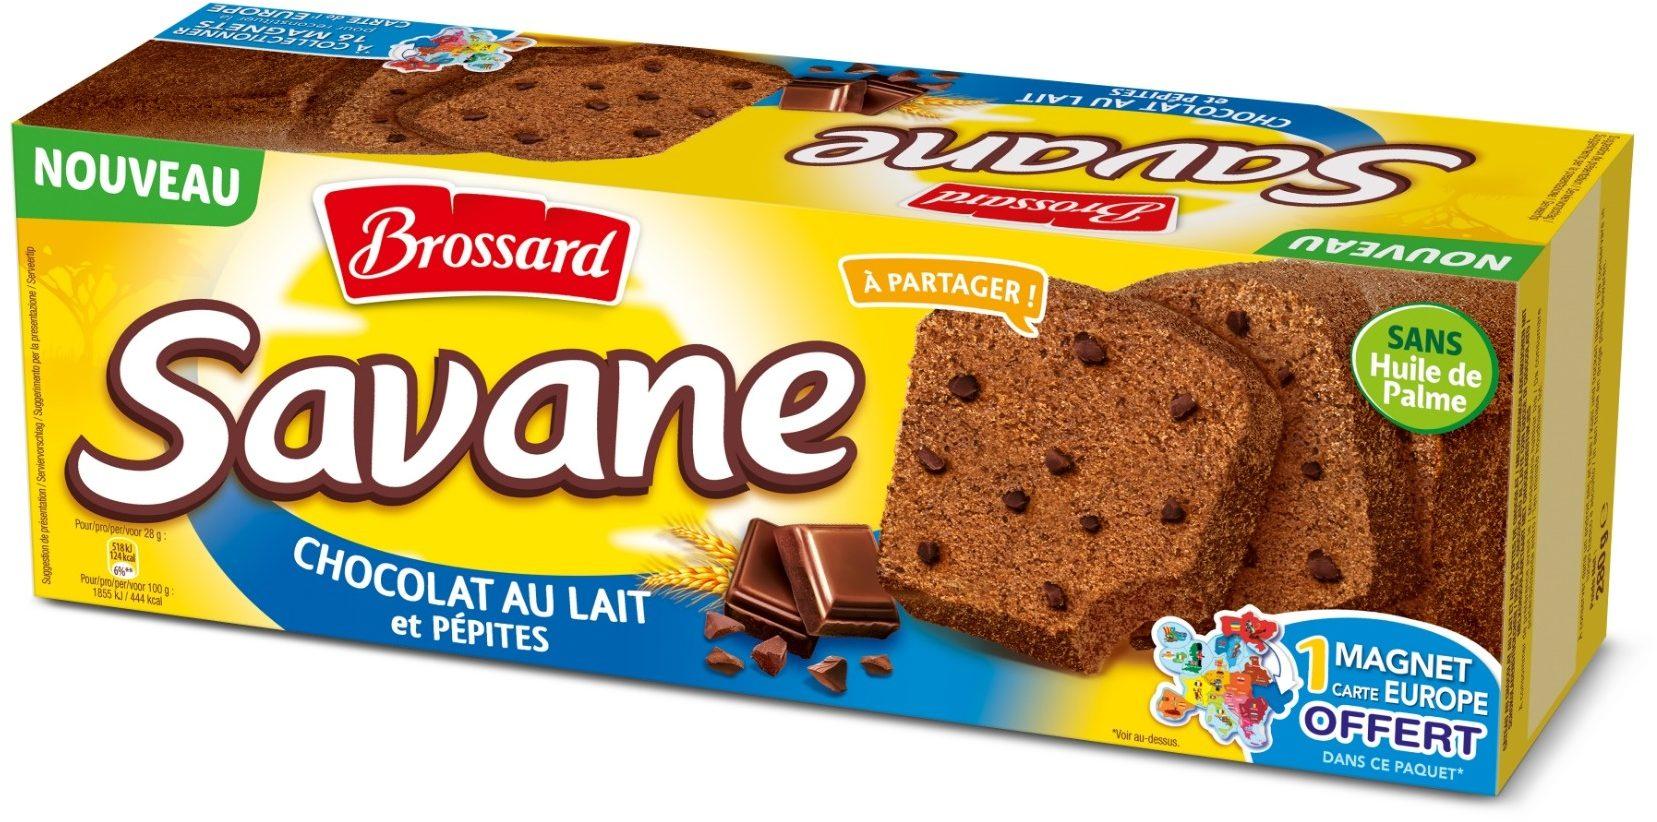 Savane Chocolat au Lait et Pépites - Produit - fr